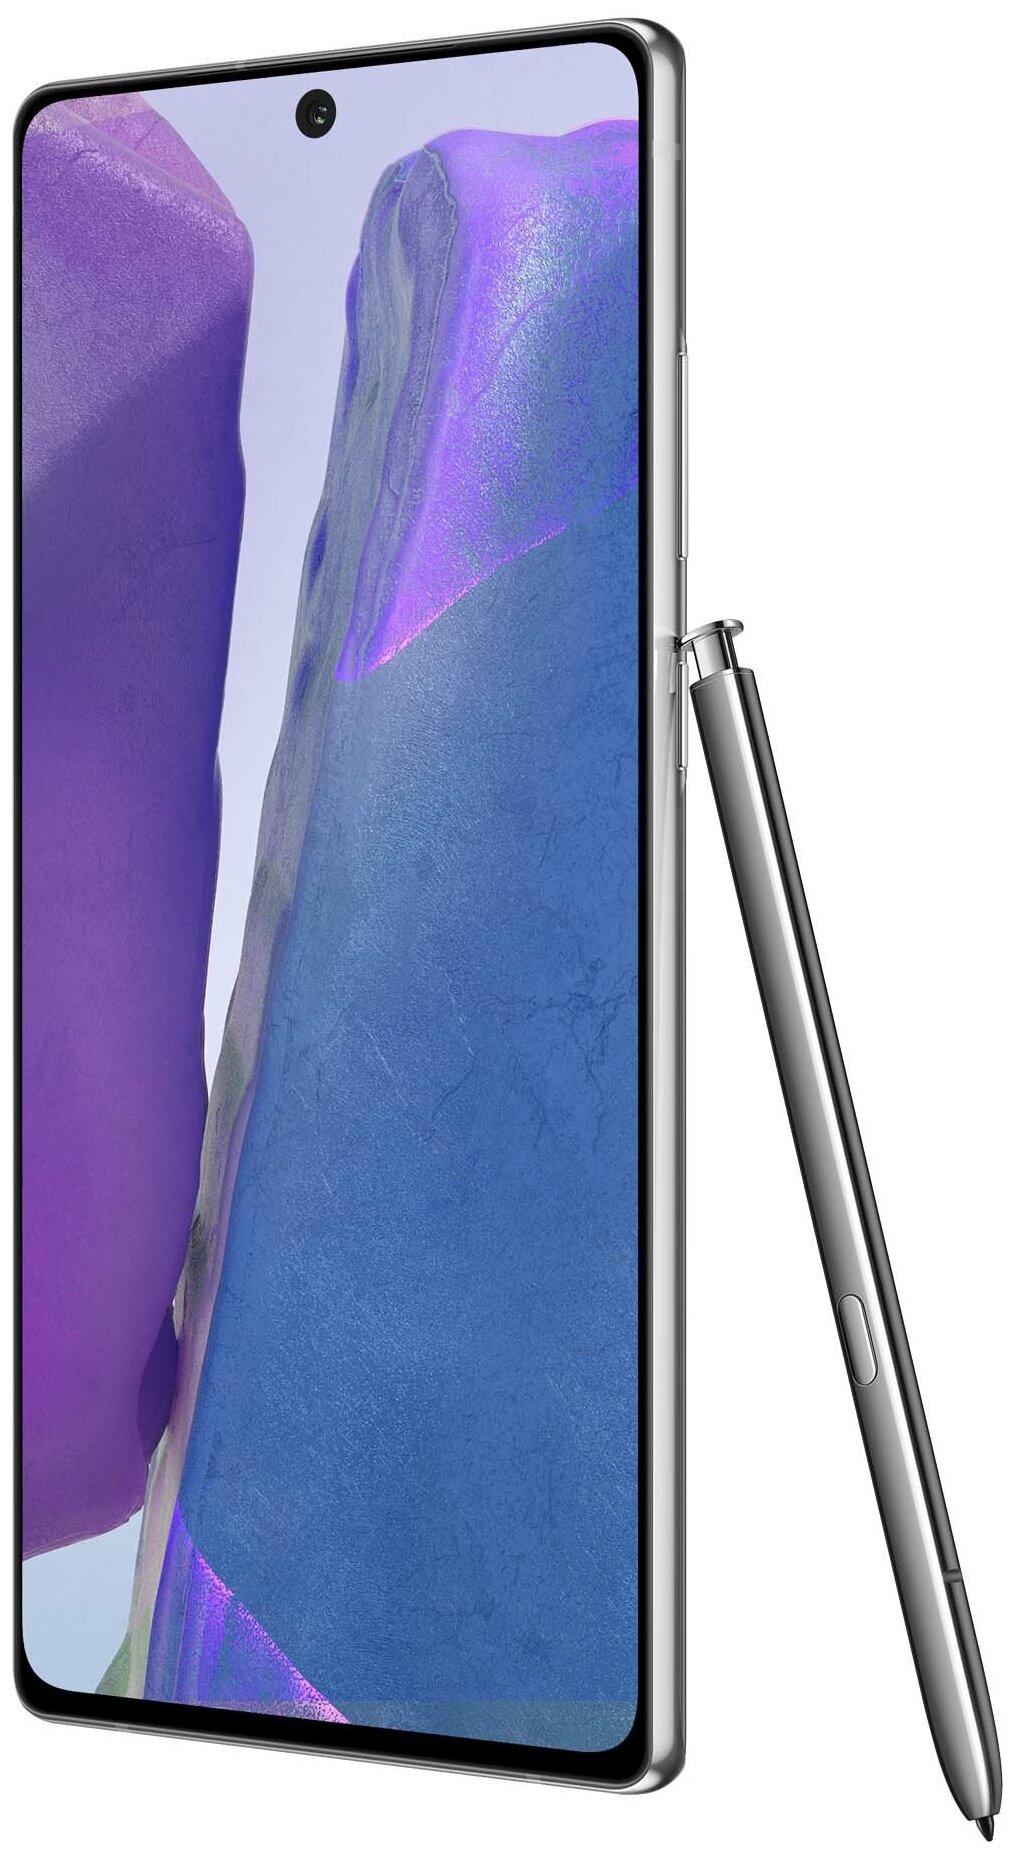 Samsung Galaxy Note 20 8/256GB - беспроводные интерфейсы: NFC, Wi-Fi, Bluetooth